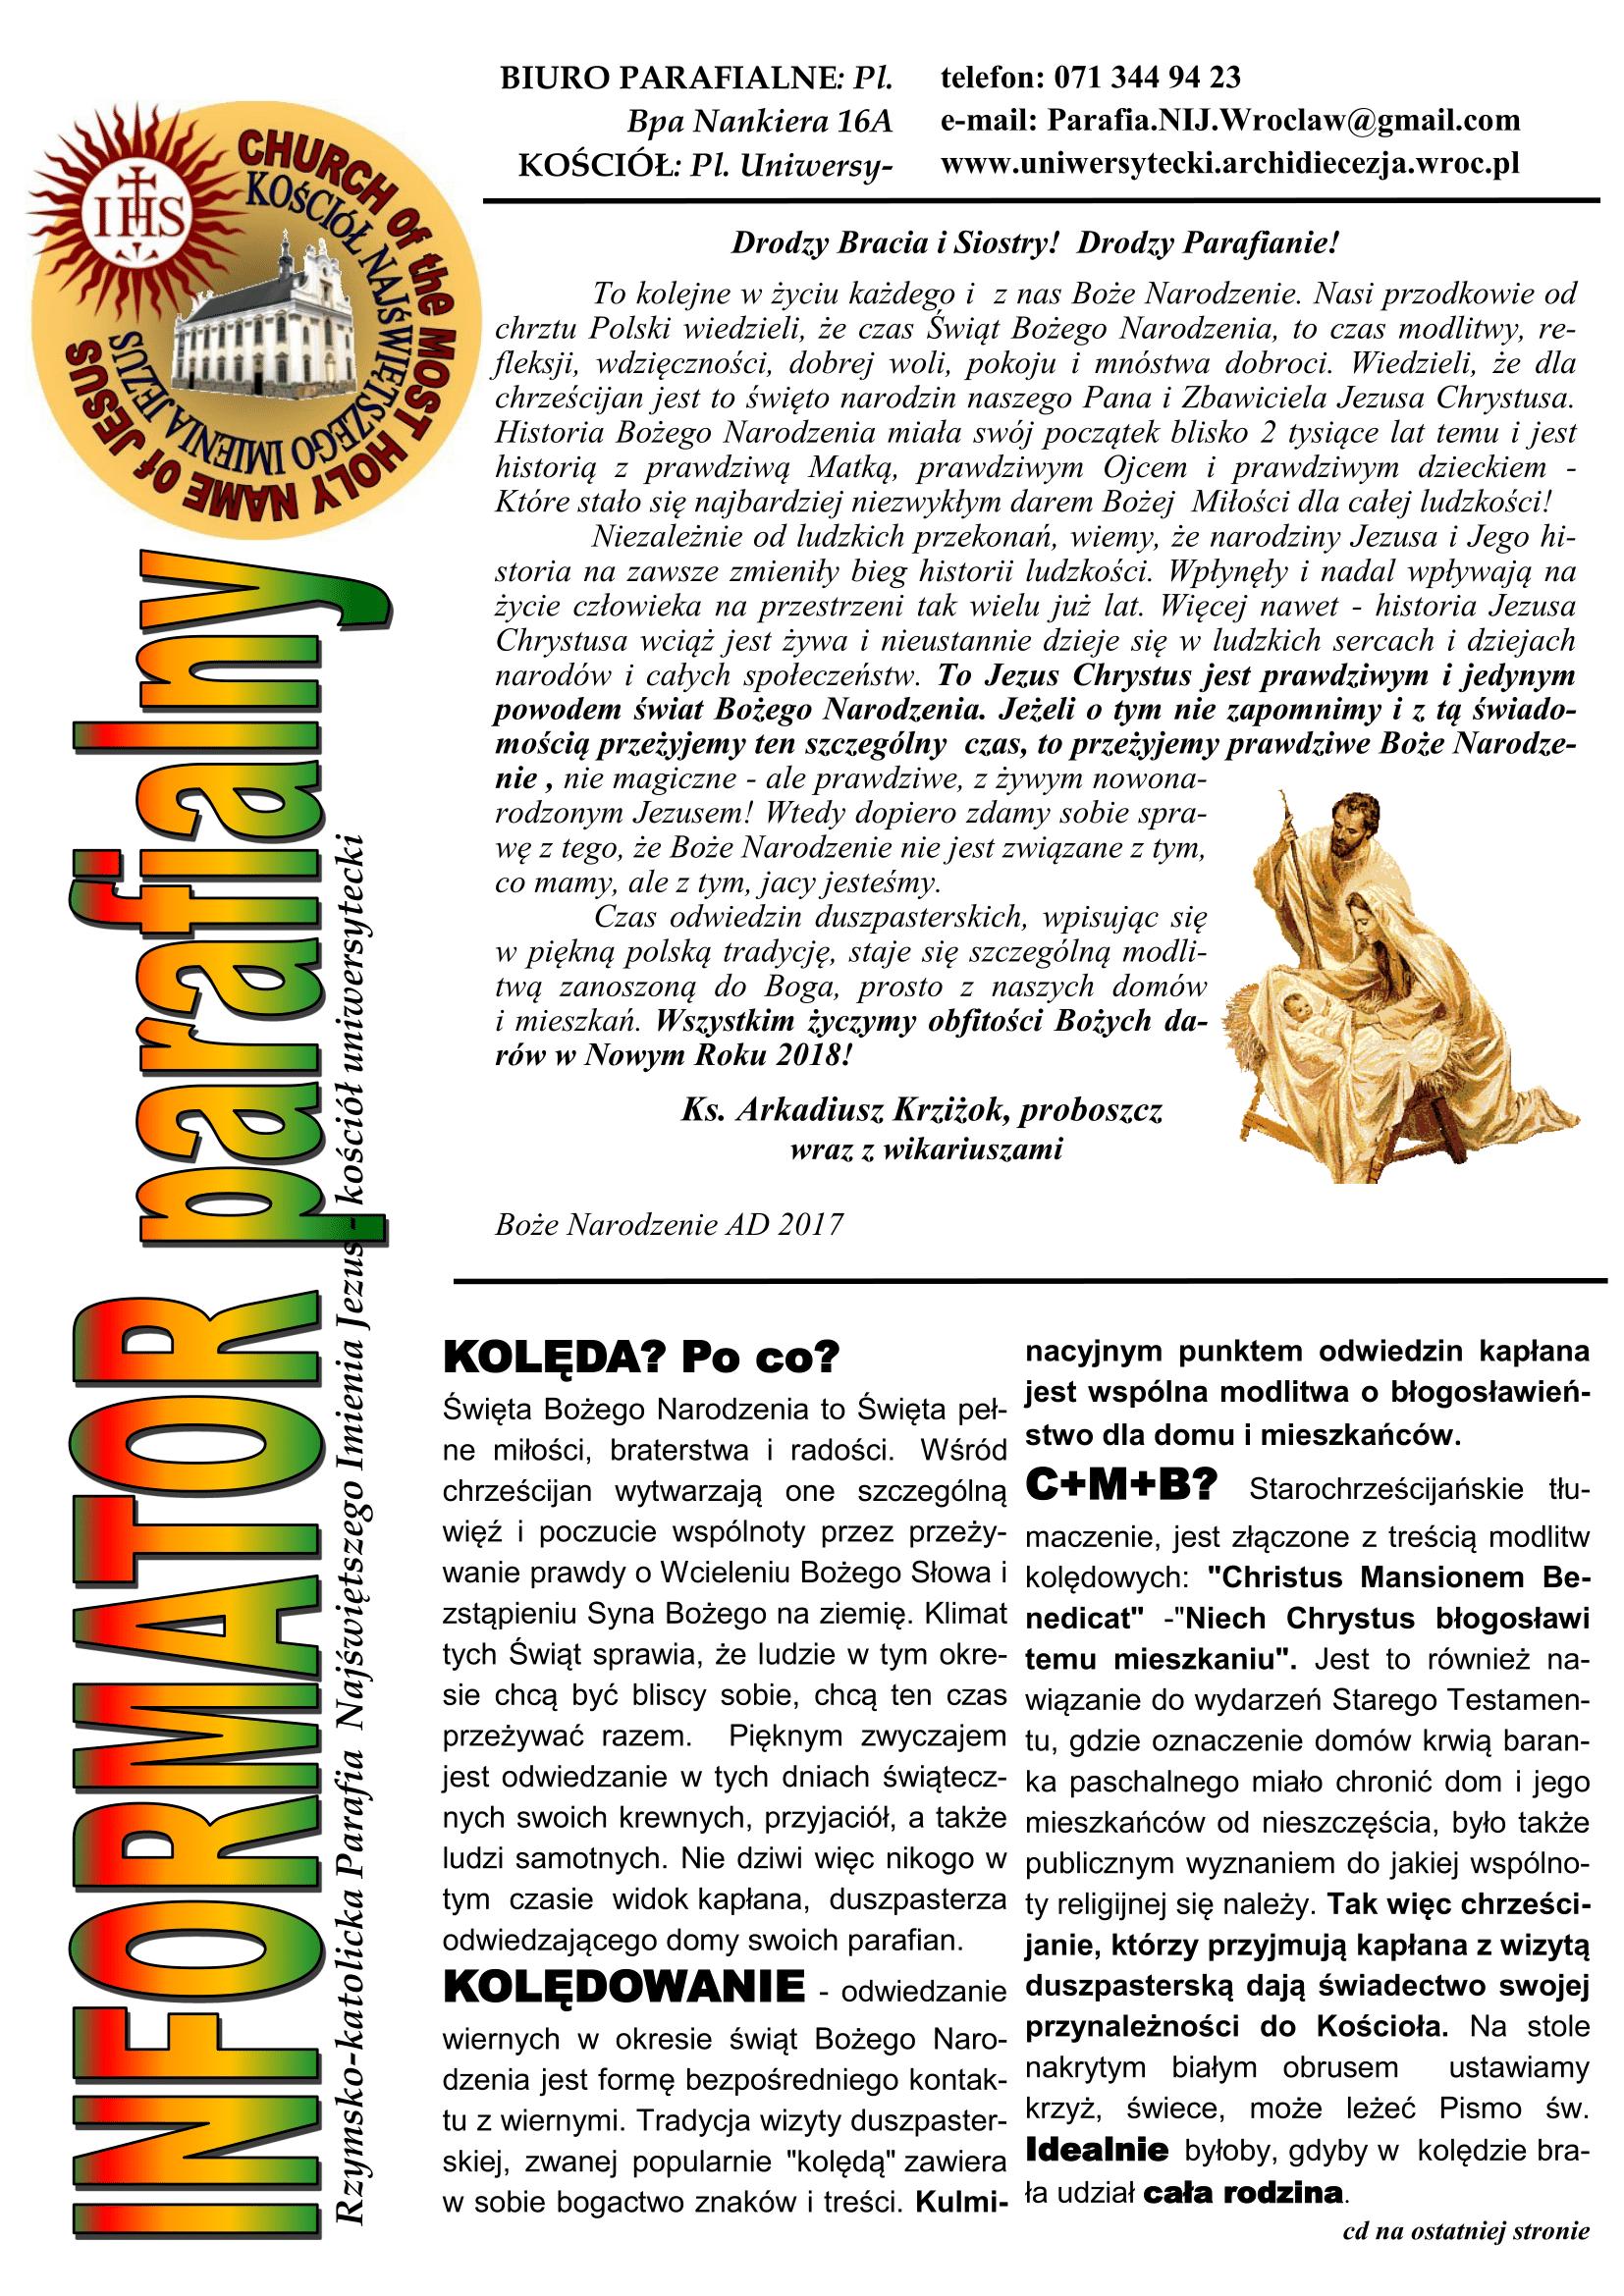 BIULETYN 15 Kolęda 2018